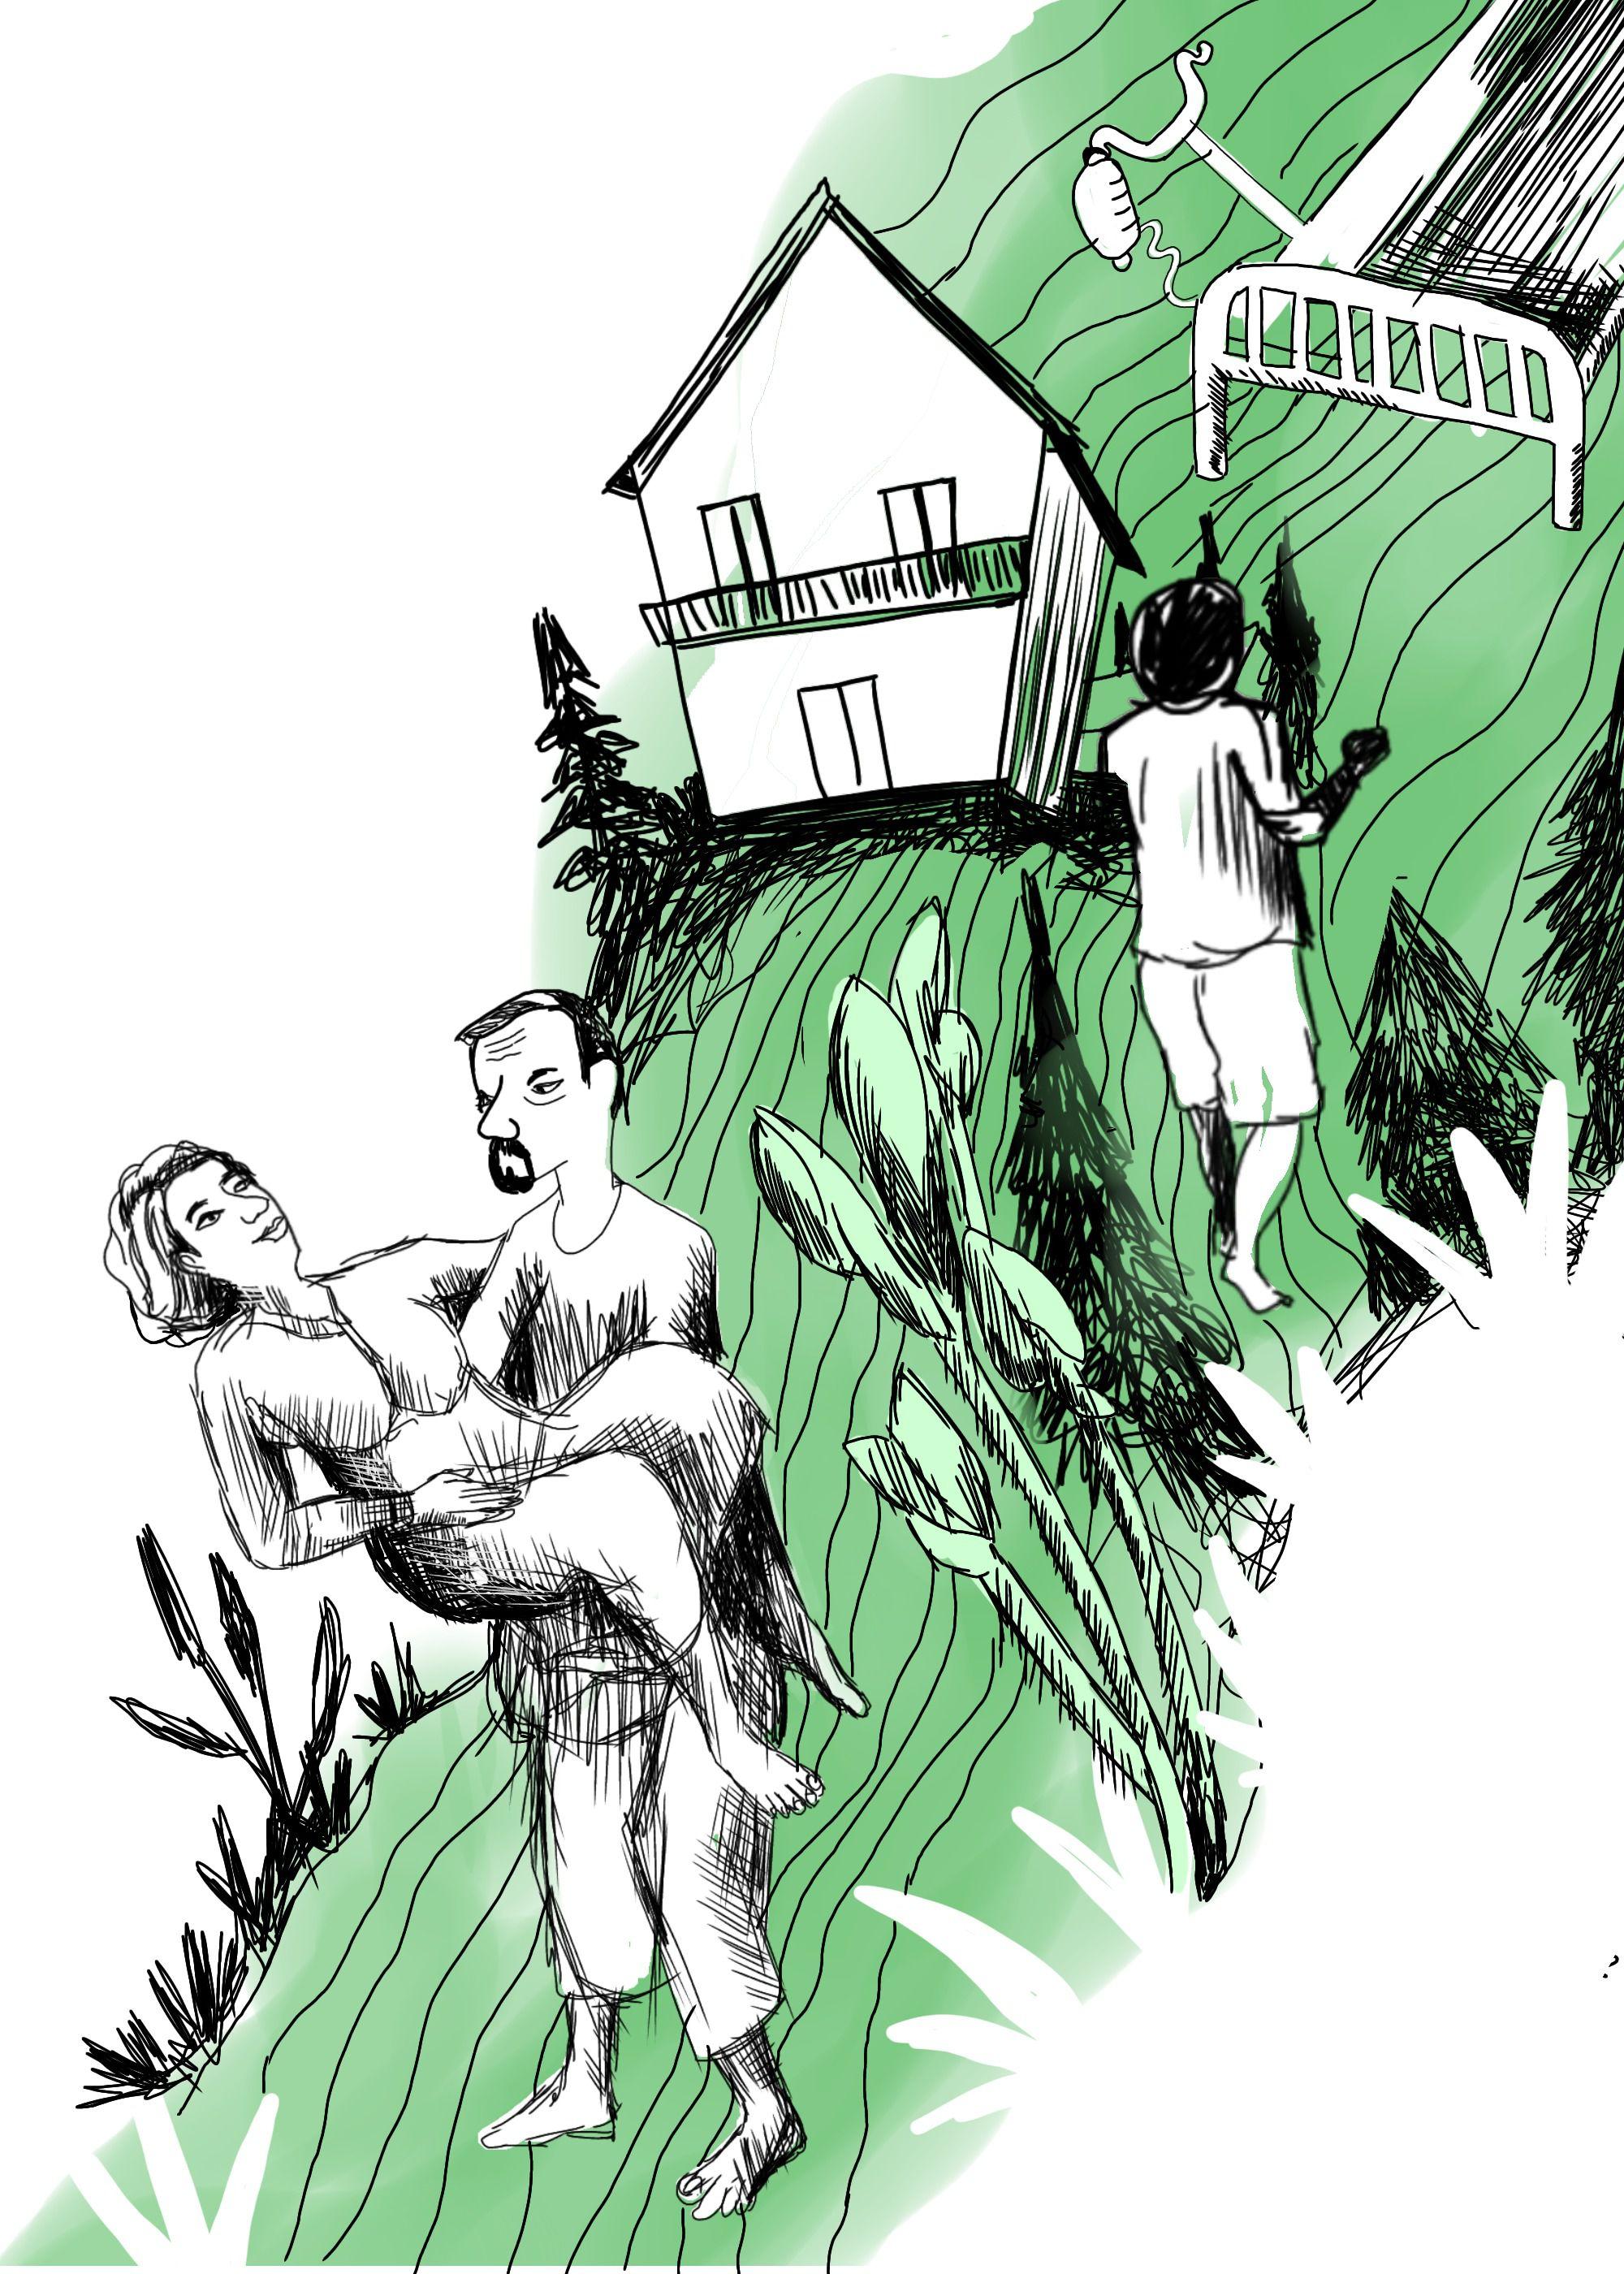 മുറിവേറ്റവർക്കുള്ള കഥകൾ-ചിത്രീകരണം: അനസുല്